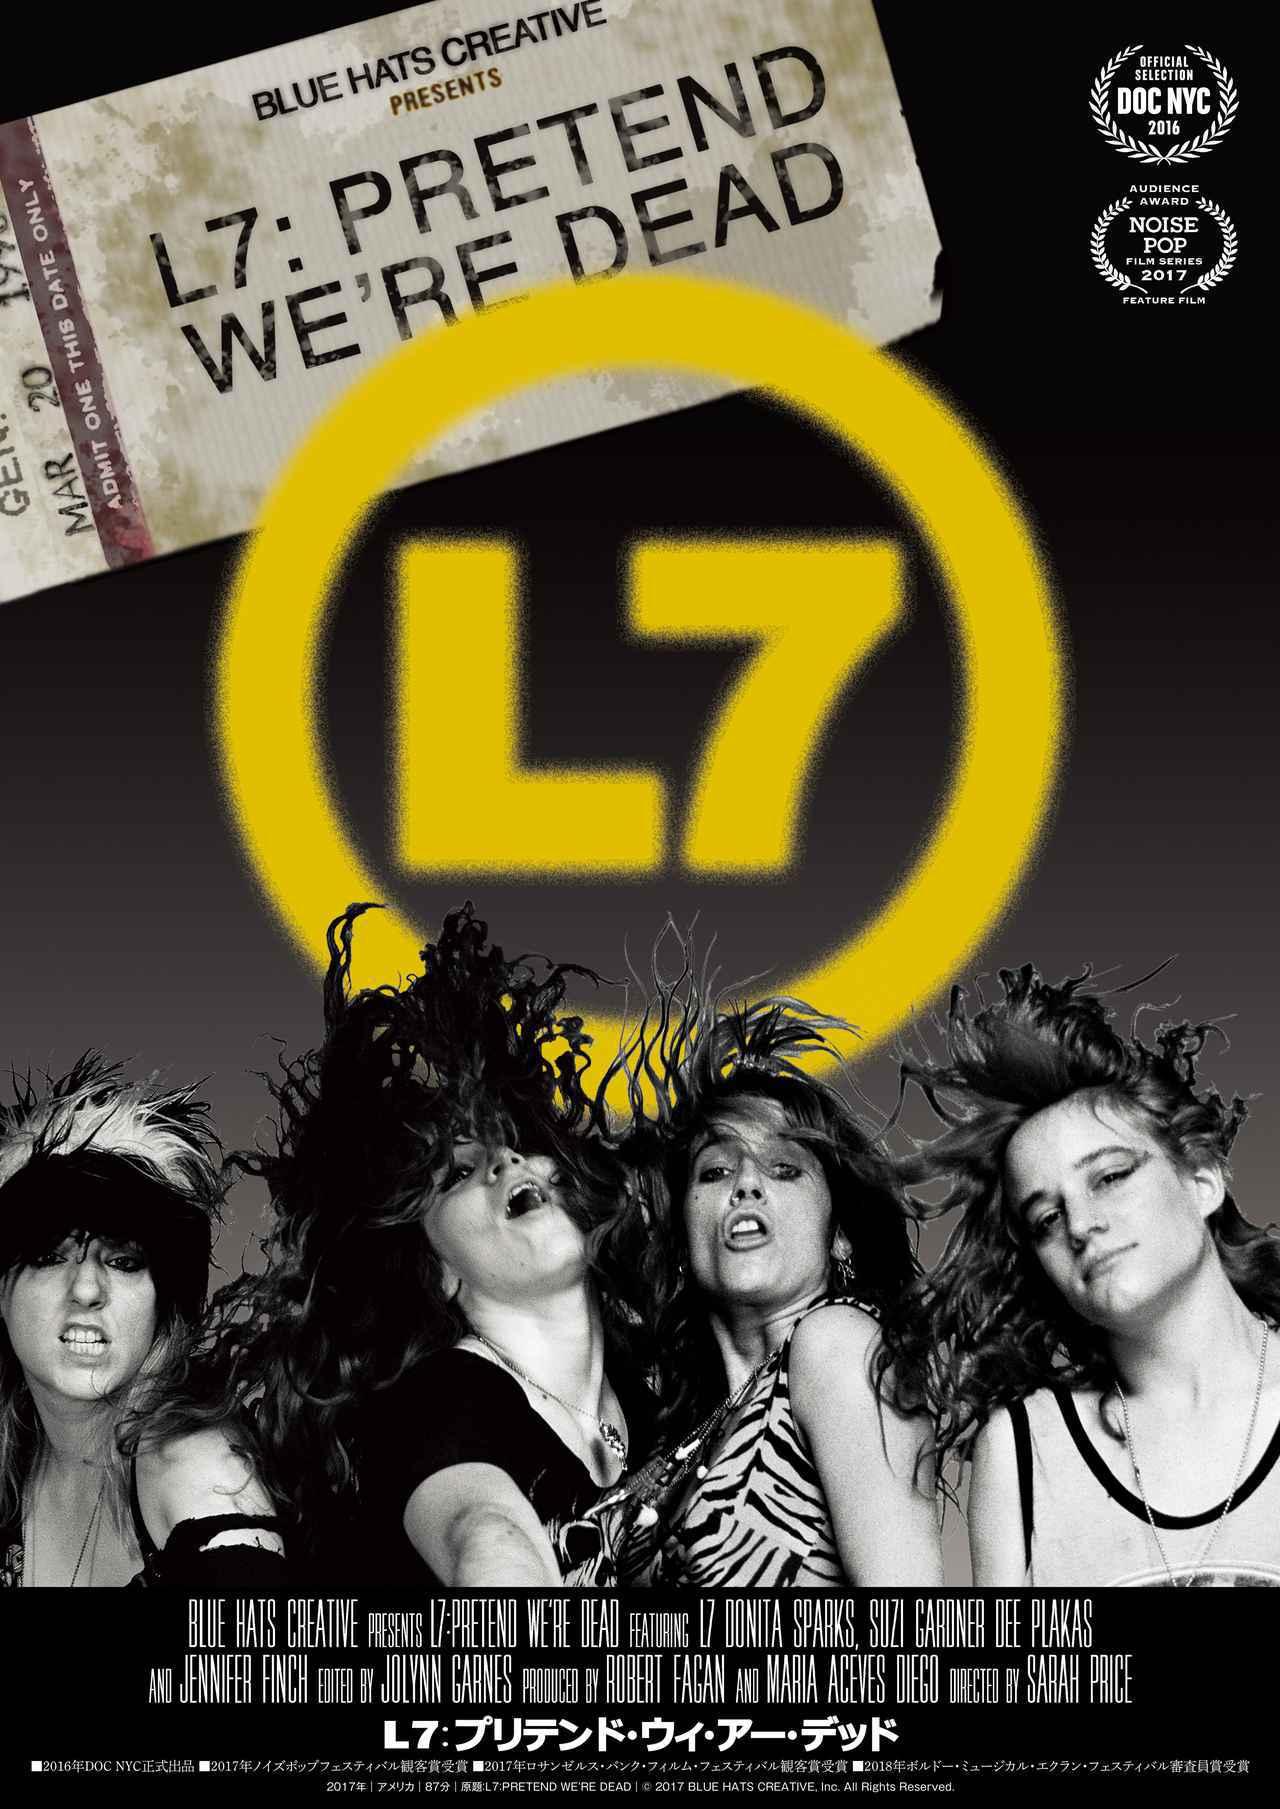 画像: 『L7:プリテンド・ウィ・アー・デッド』ポスター